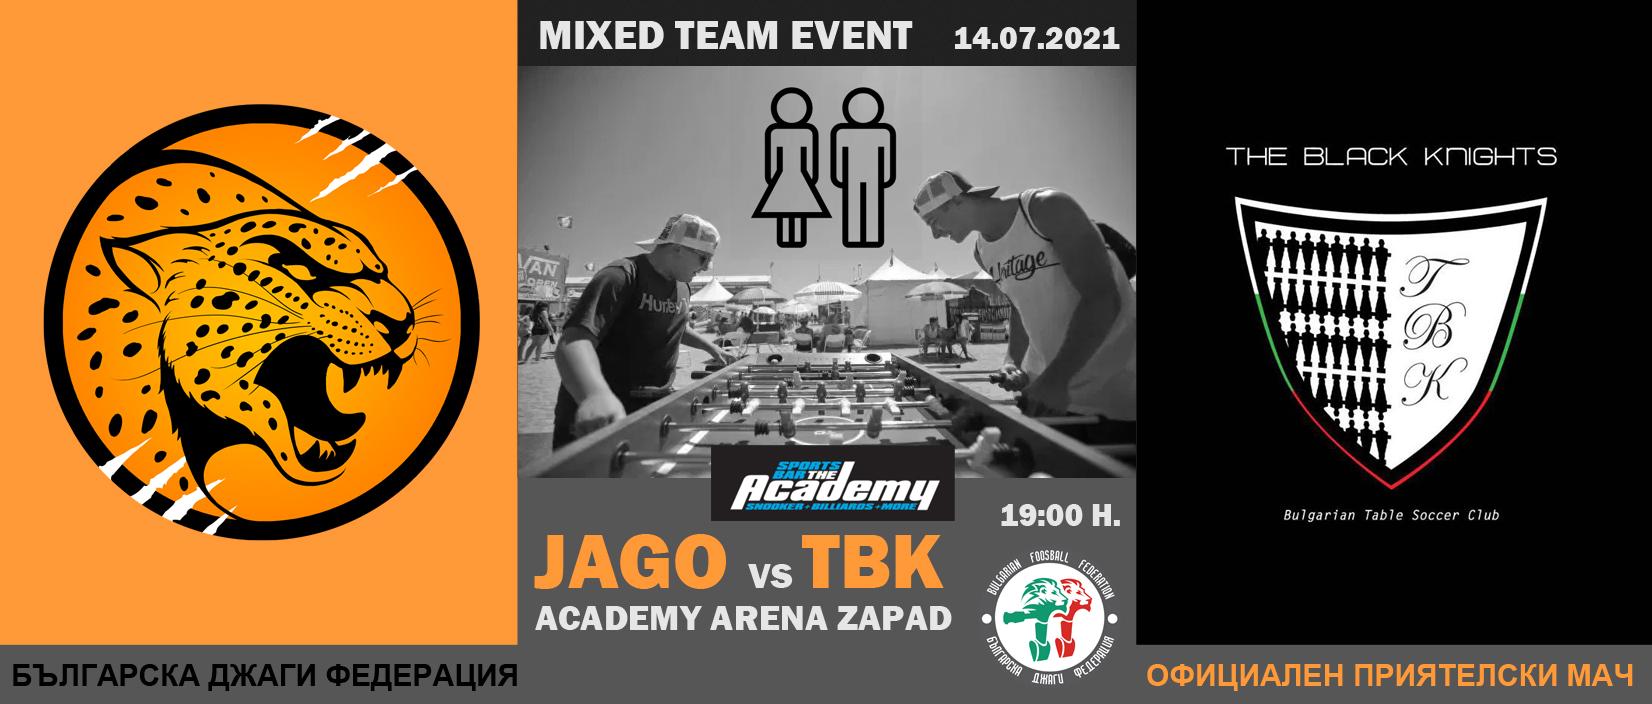 Mixed Team Event 2021 - Jago vs TBK Foosball